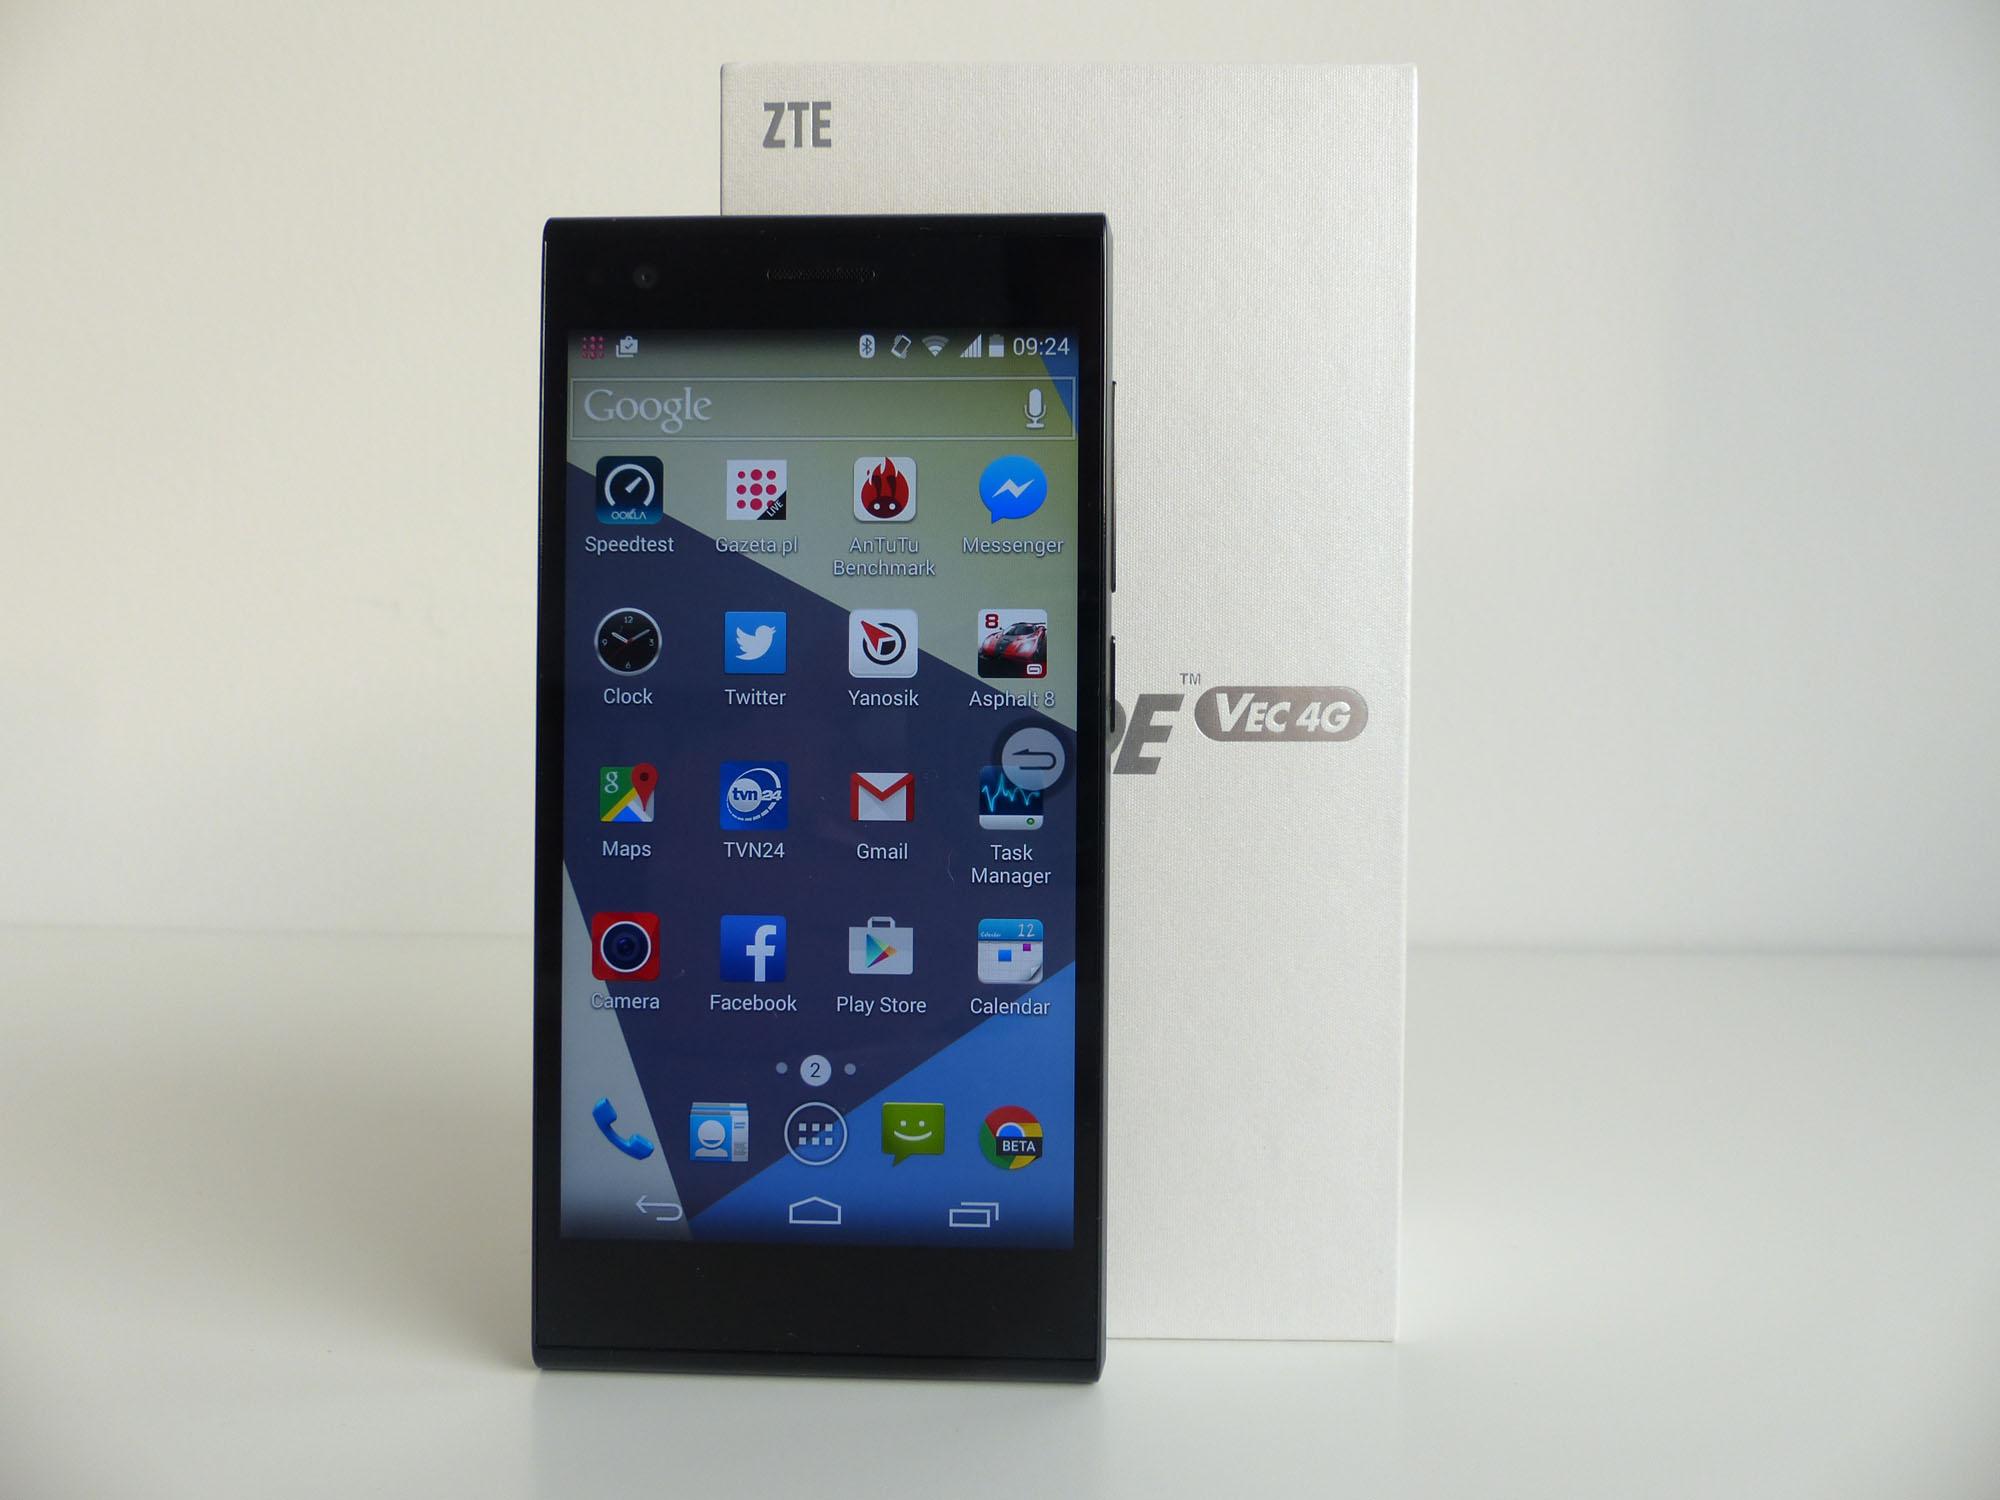 Test ZTE Blade VEC 4G